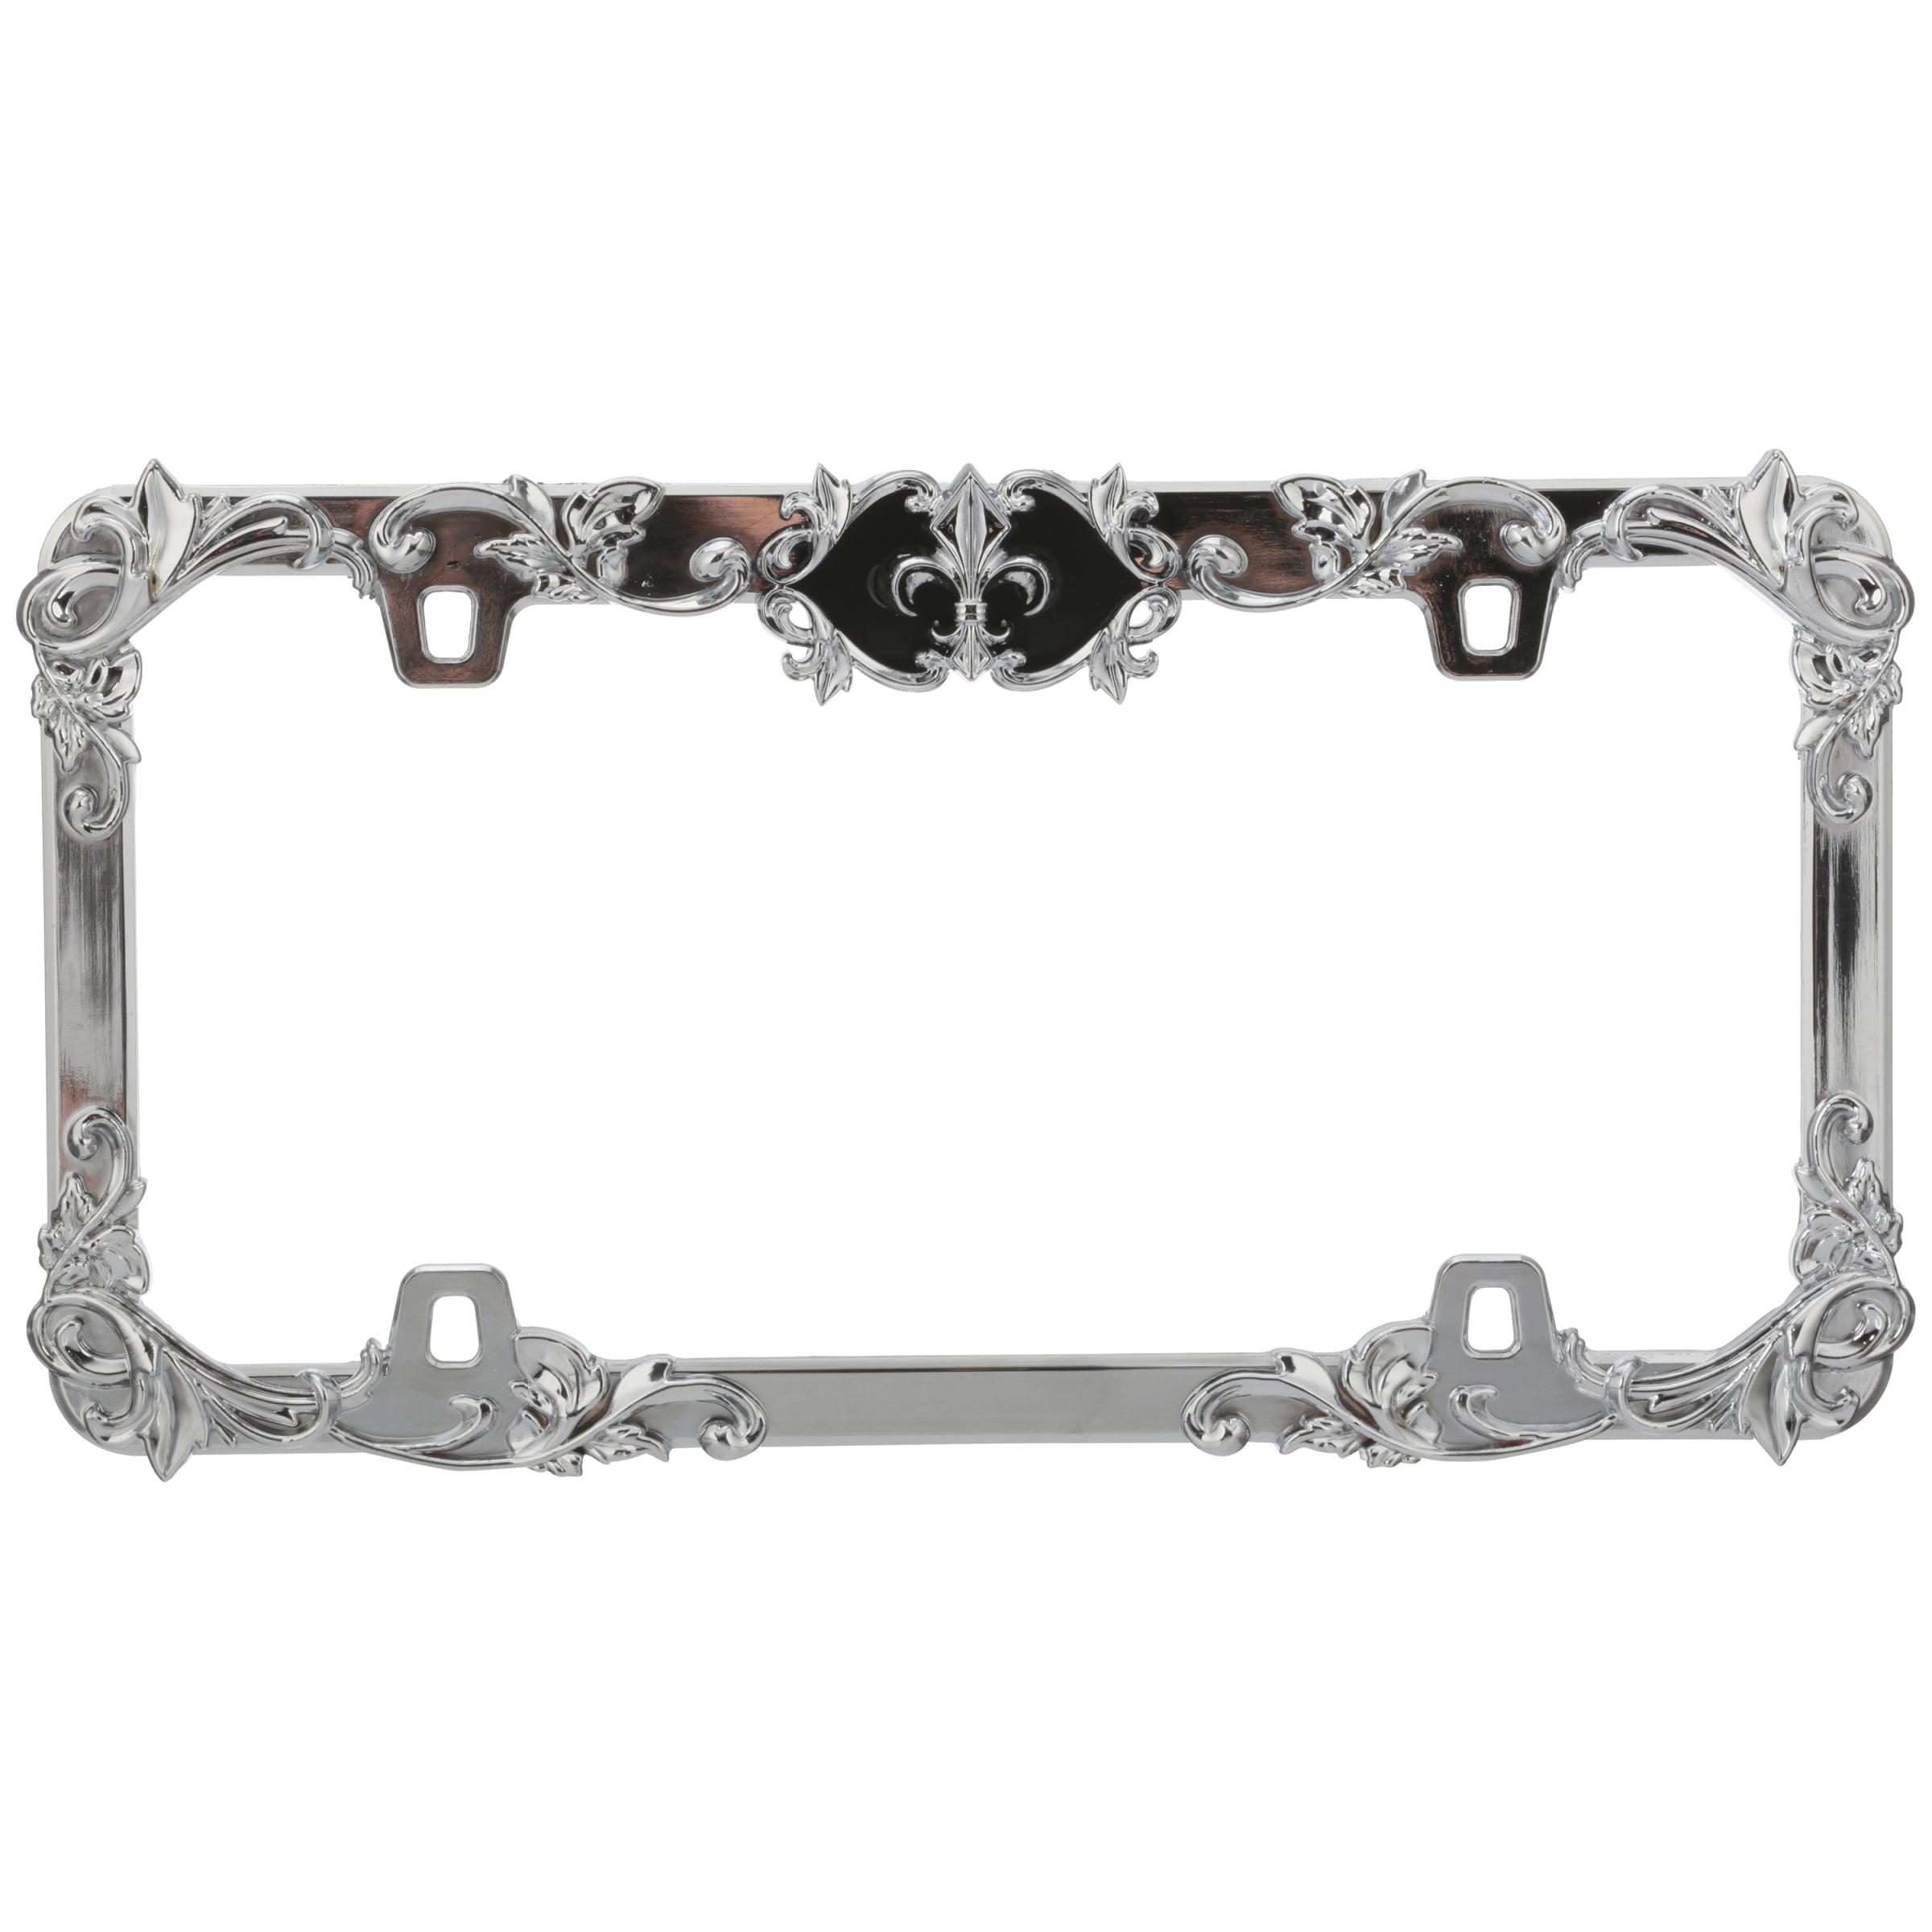 Cruiser Accessories® Fleur de Lis™ Adjustable™ Chrome/Black License Plate Cover